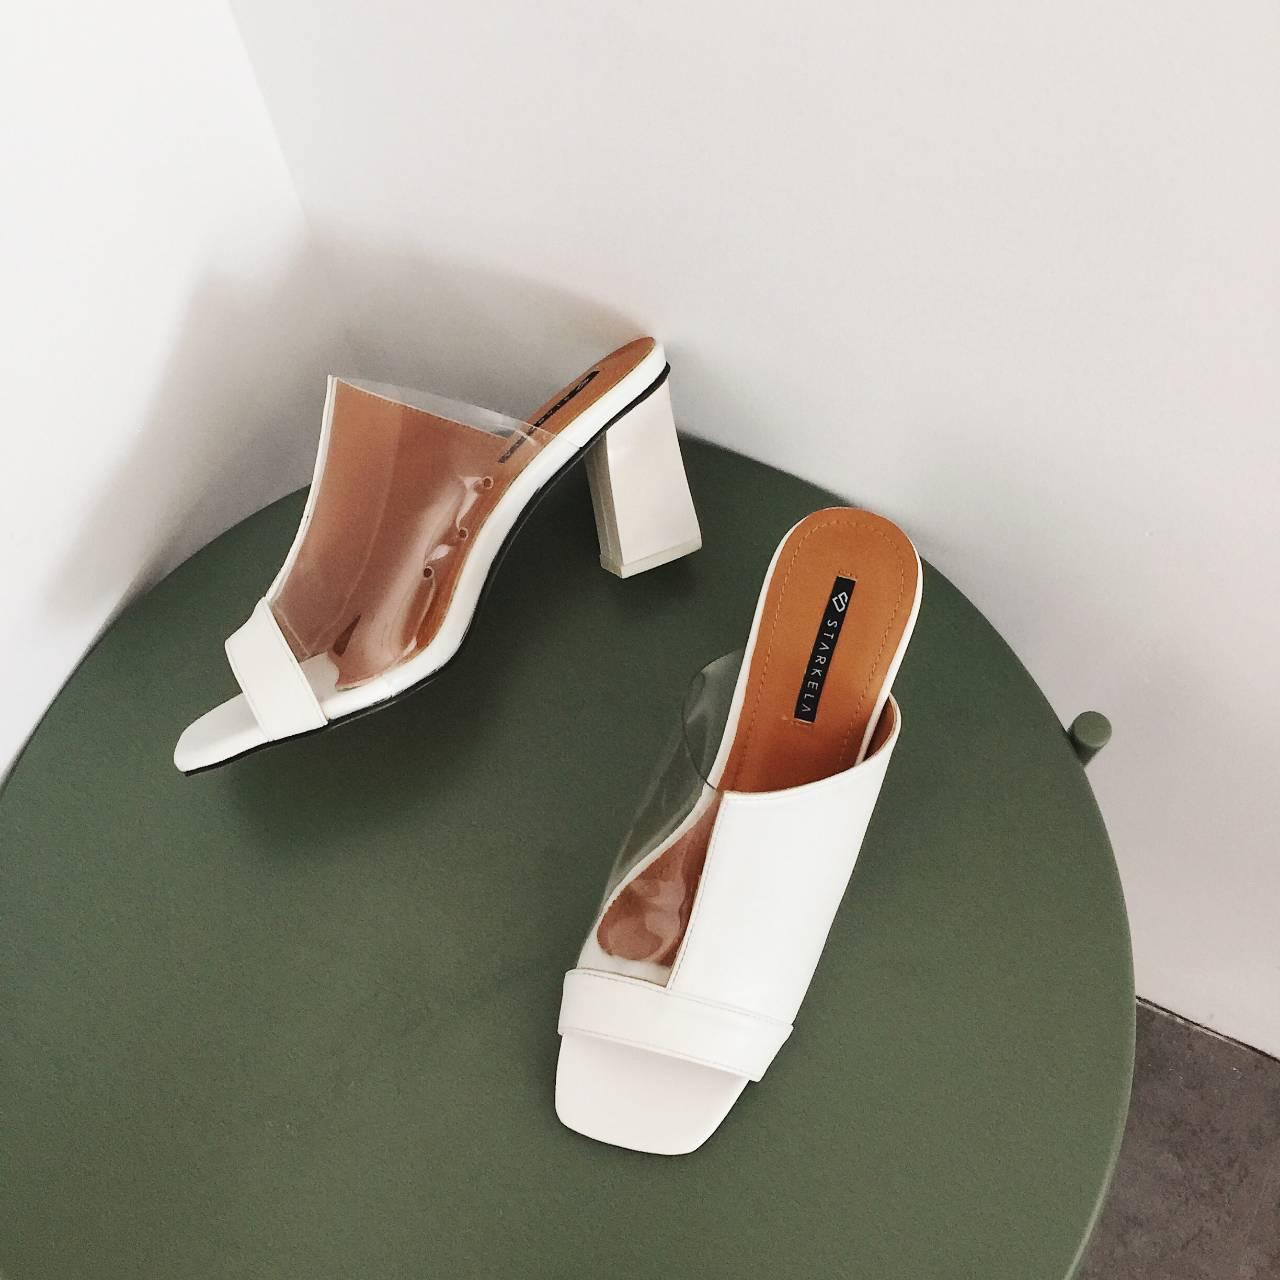 รองเท้าแฟชั่นสีขาว